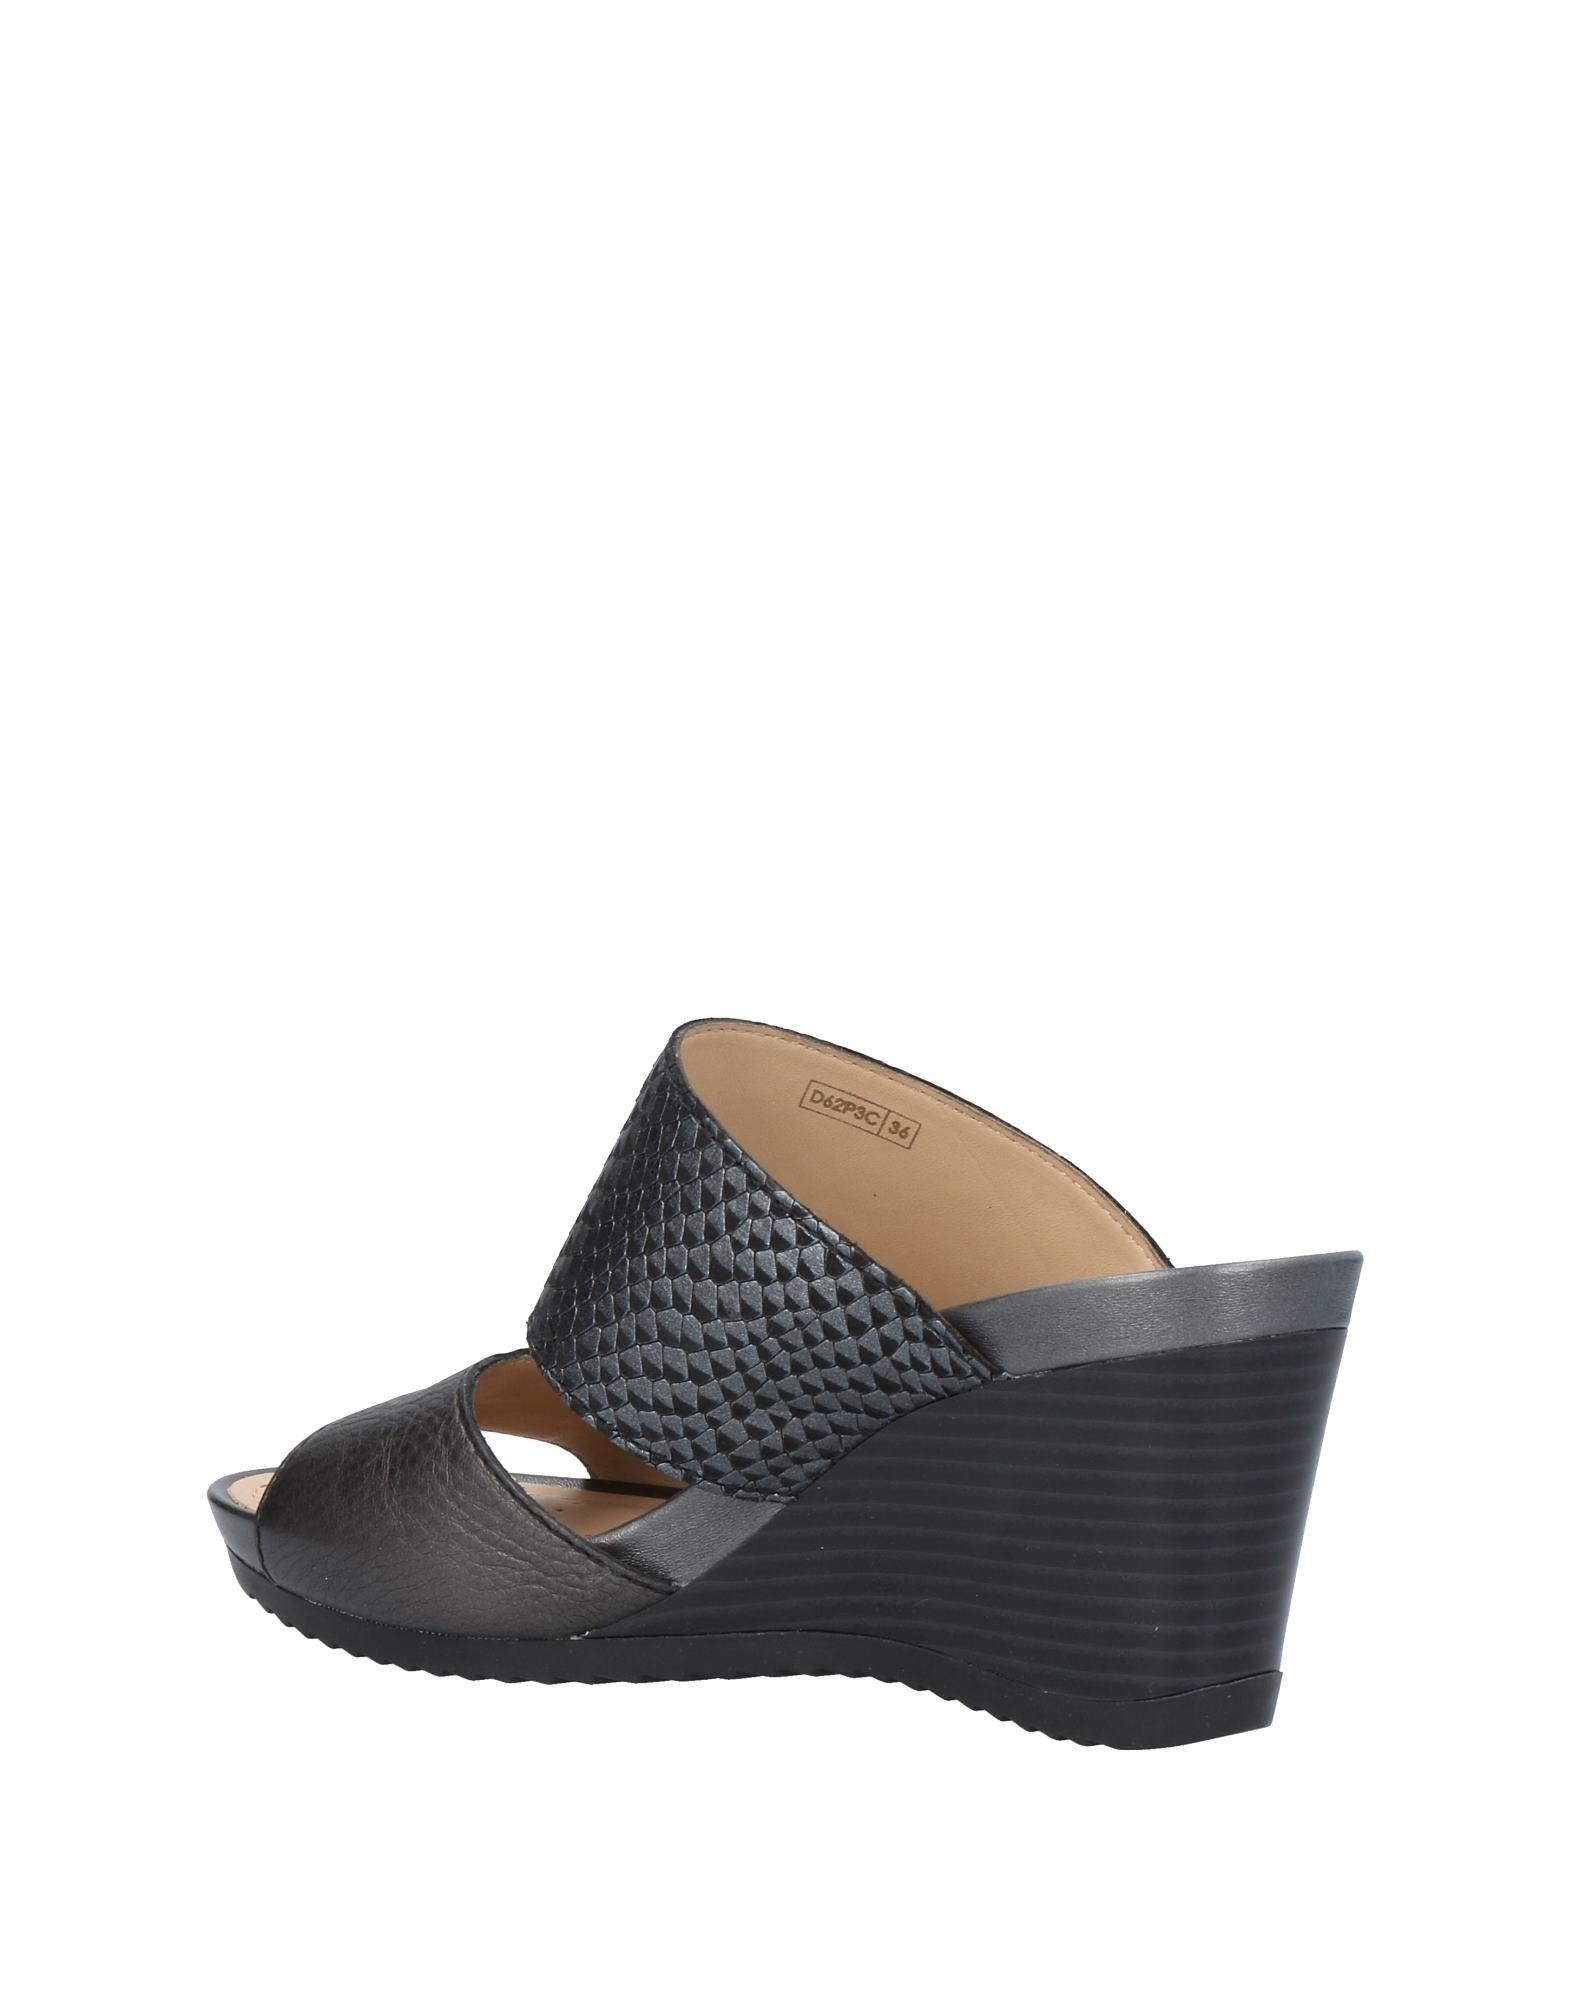 Geox Sandalen Damen  11414340IA Gute Gute Gute Qualität beliebte Schuhe 924524